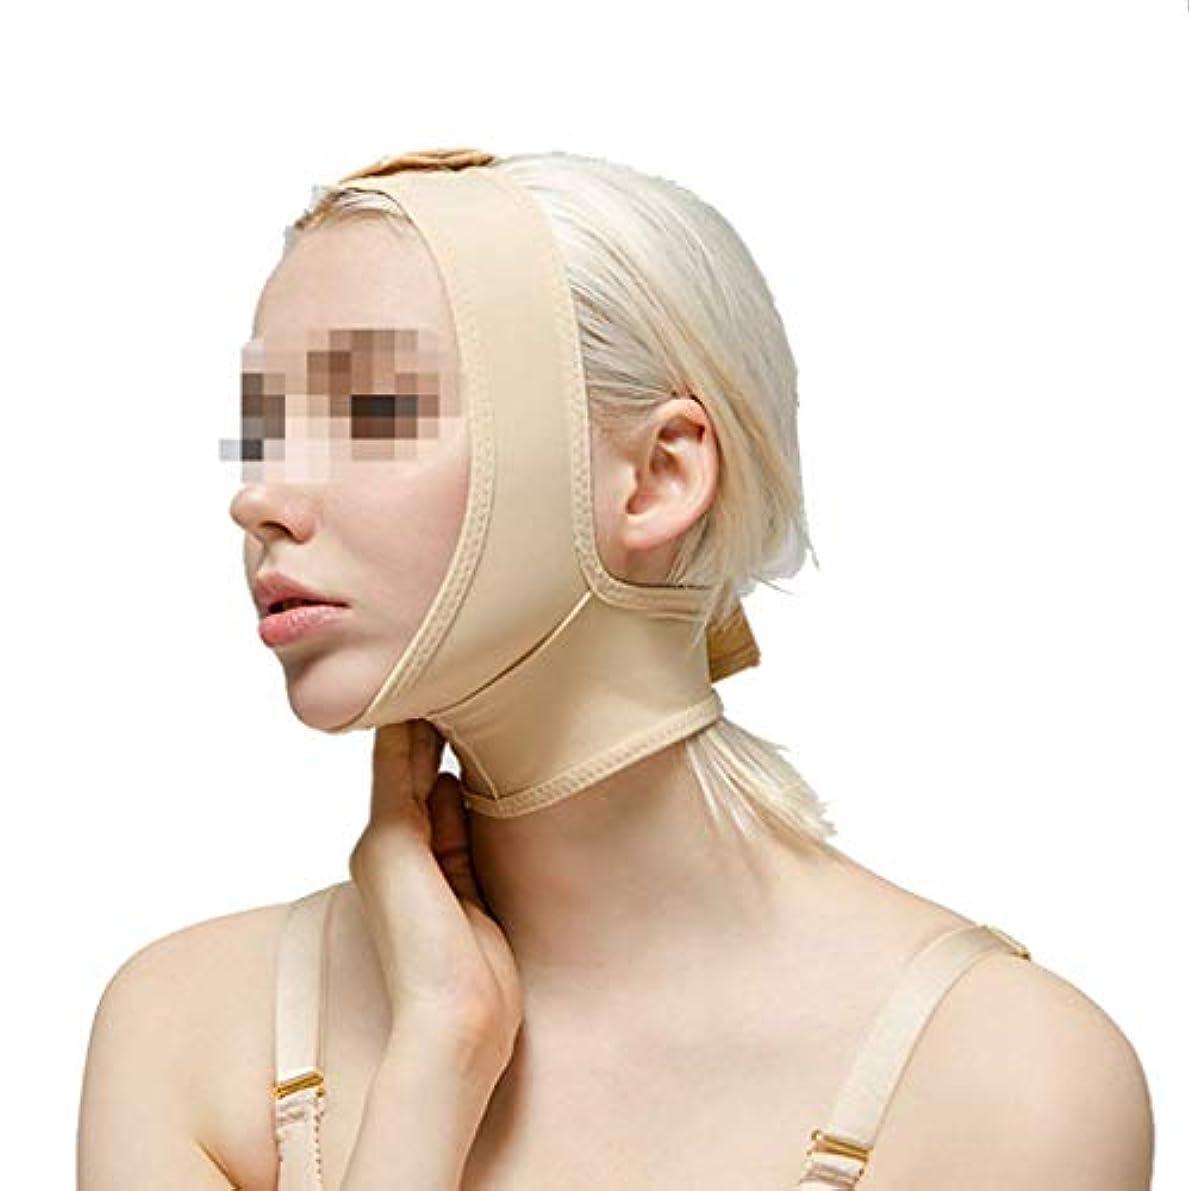 広告主に付ける復讐術後伸縮性スリーブ、下顎束フェイスバンデージフェイシャルビームダブルチンシンフェイスマスクマルチサイズオプション(サイズ:L),XS